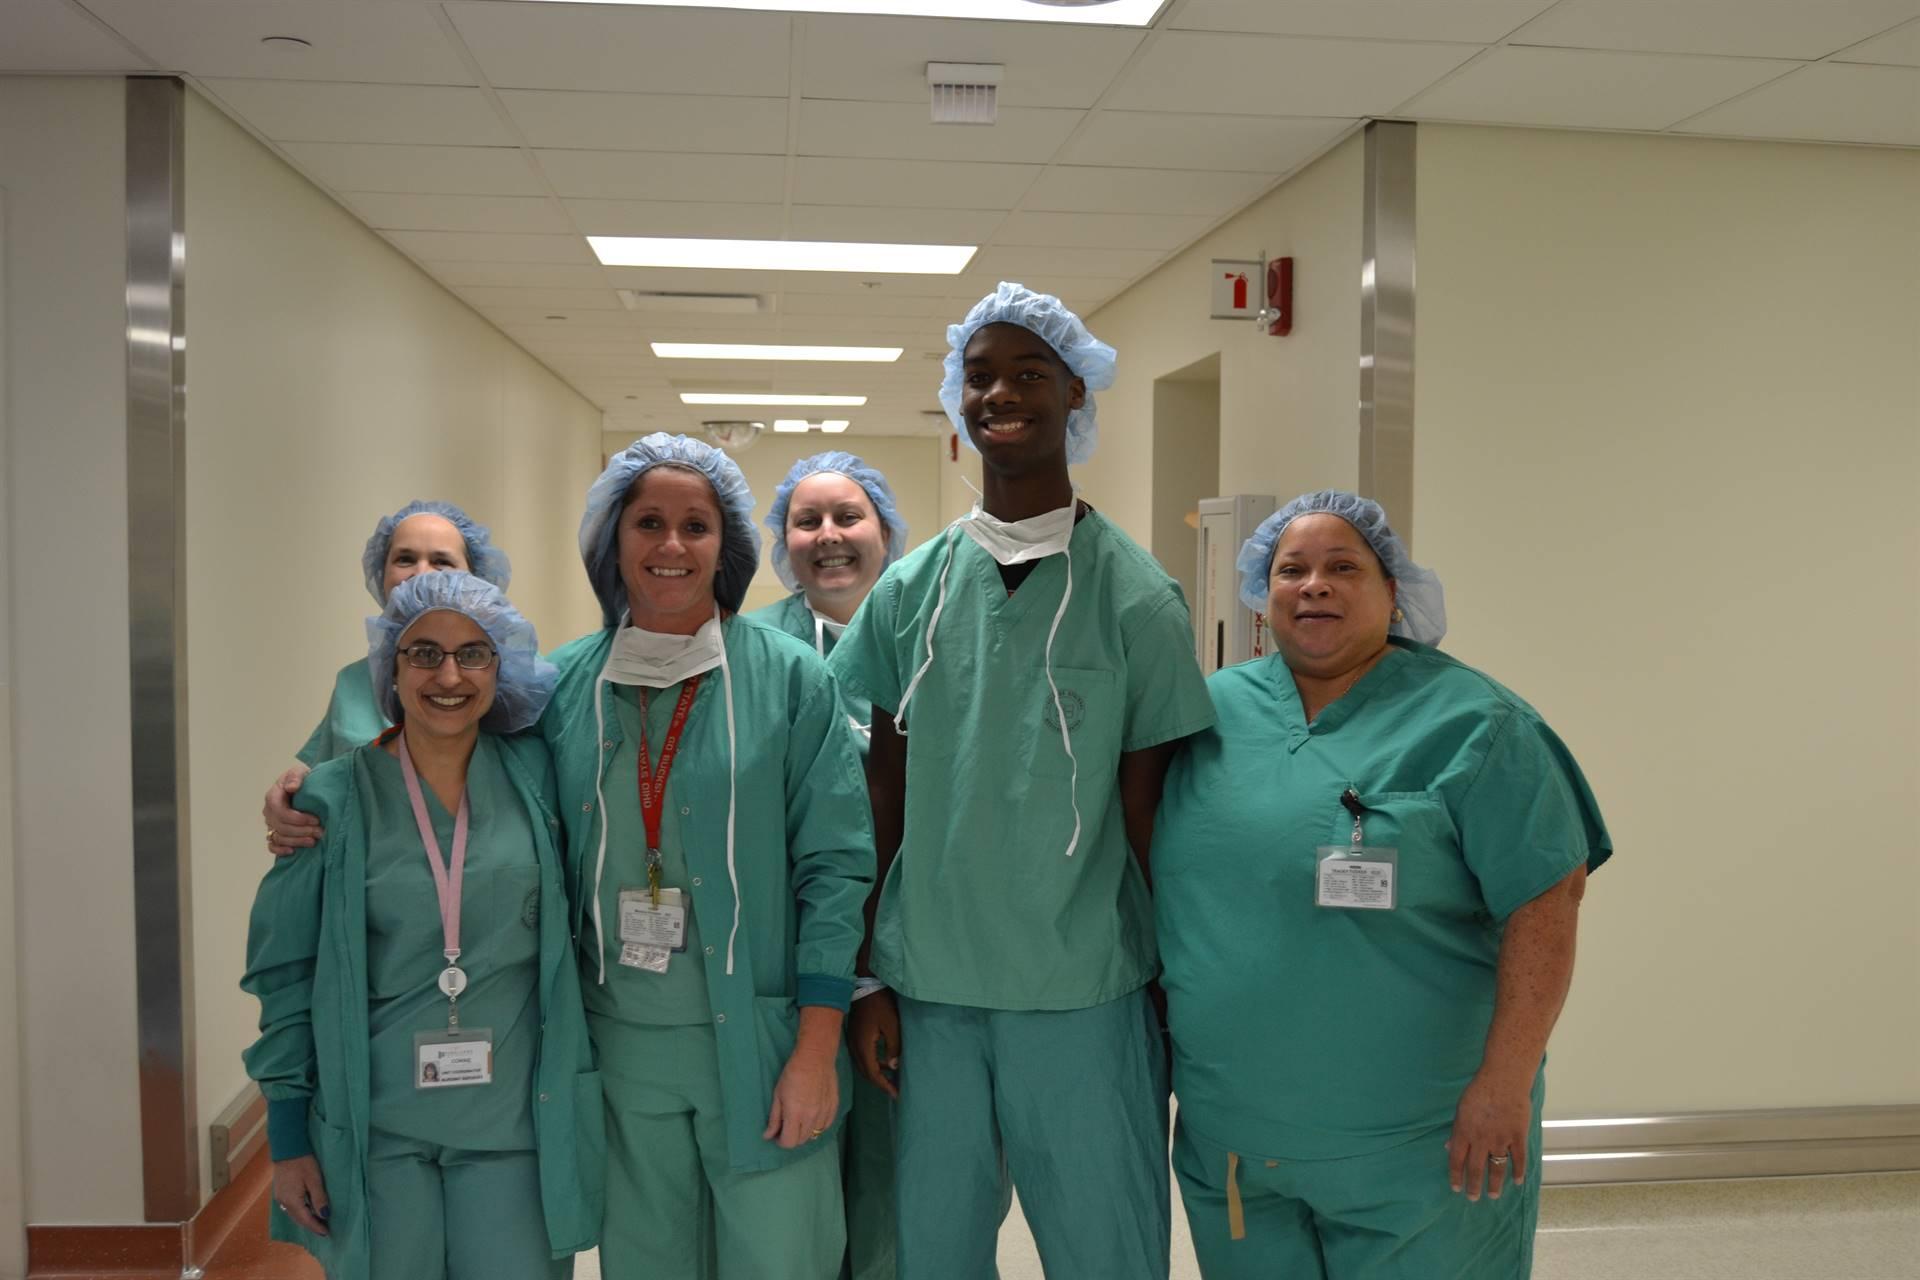 Student interning at Firelands Regional Medical Center